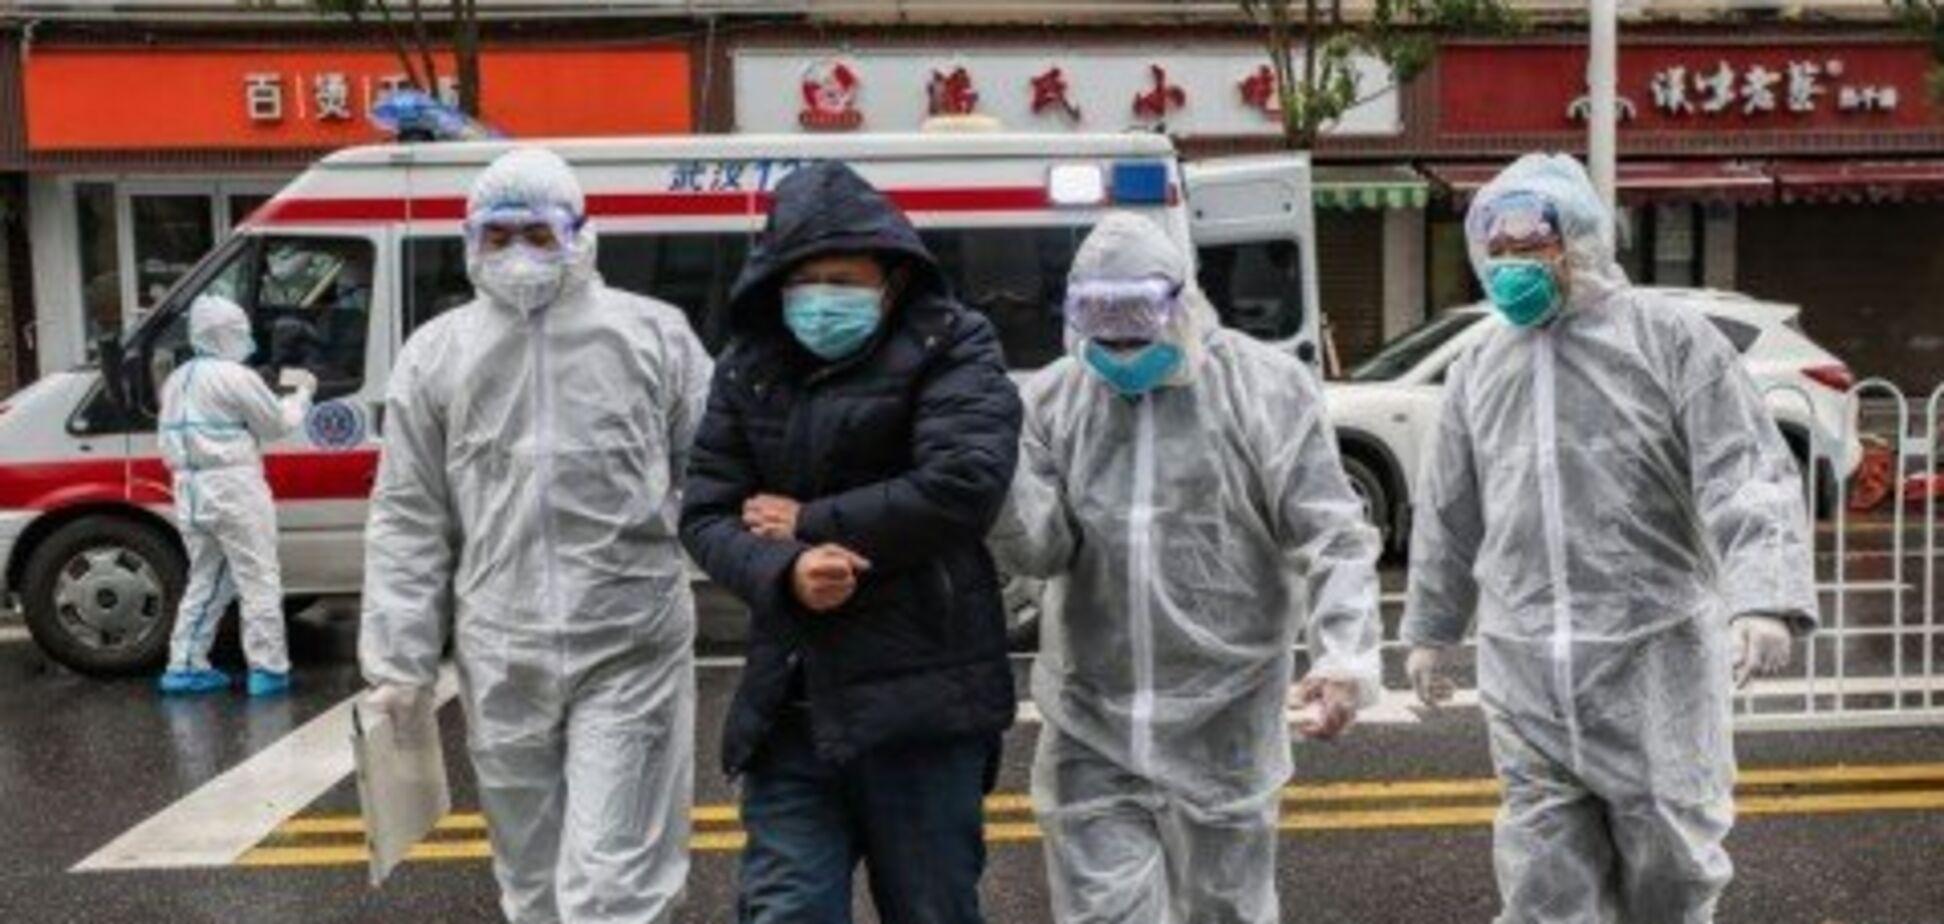 У Китаї лікар 10 днів боровся з коронавірусом і помер від перевтоми